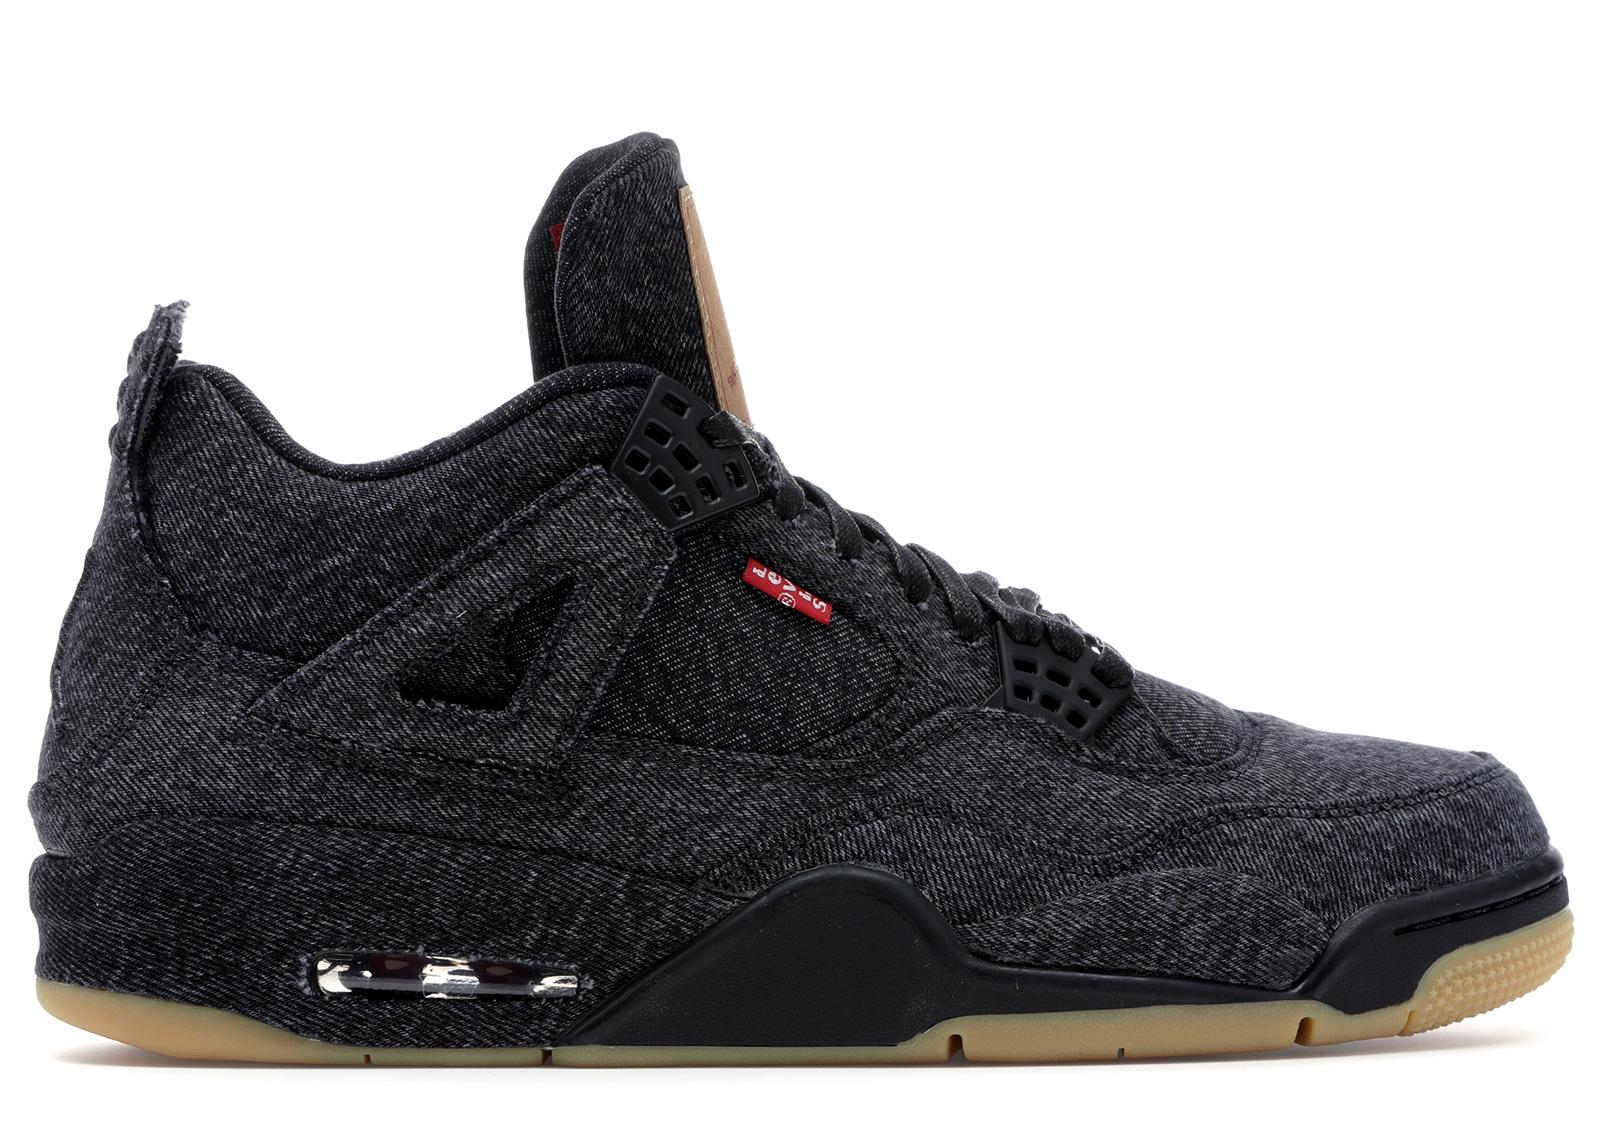 Jordan 4 Retro Levi's Black (Levi's Tag